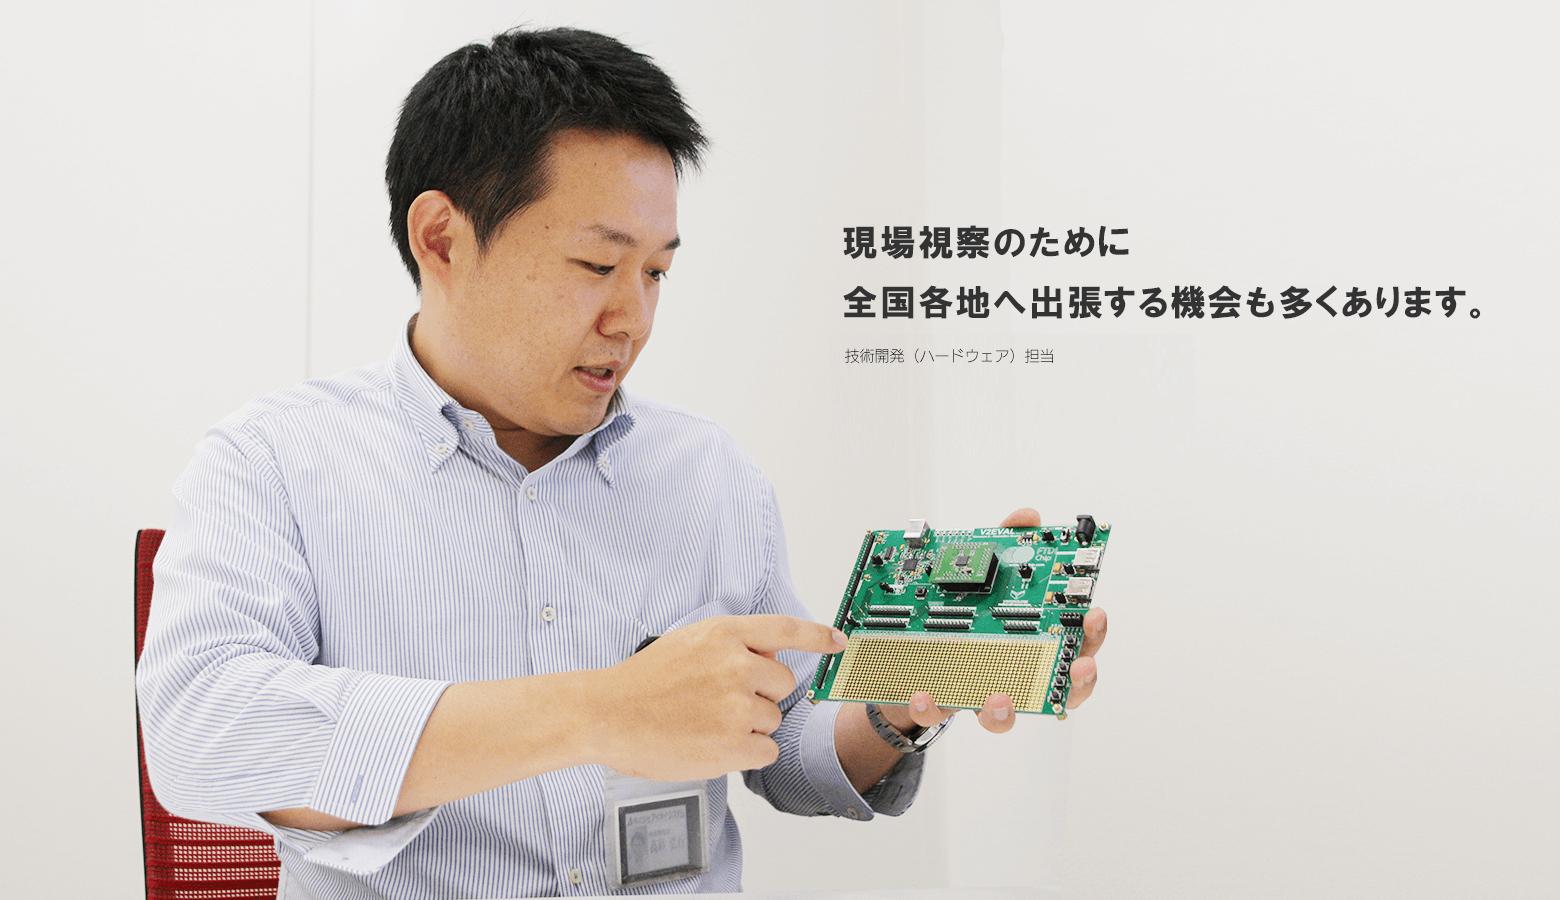 現場視察のために全国各地へ出張する機会も多くあります。 HIROYUKI TAKASHINA 技術開発部 開発第1課 主任(ハードウェア)